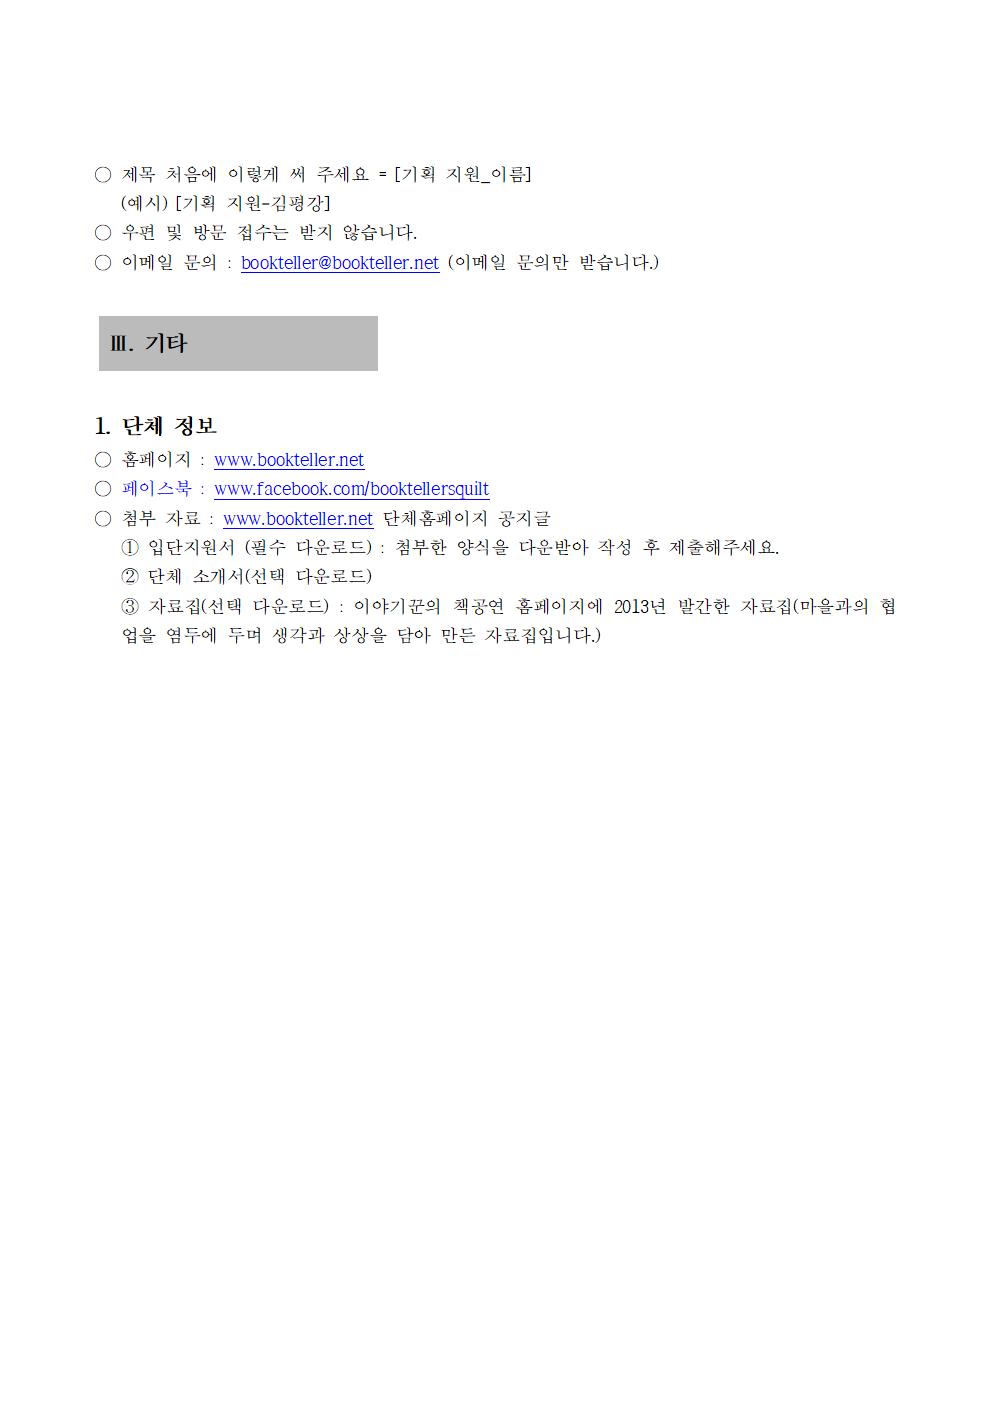 채용공고_예술단체연수단원_기획자모집_2020005.png